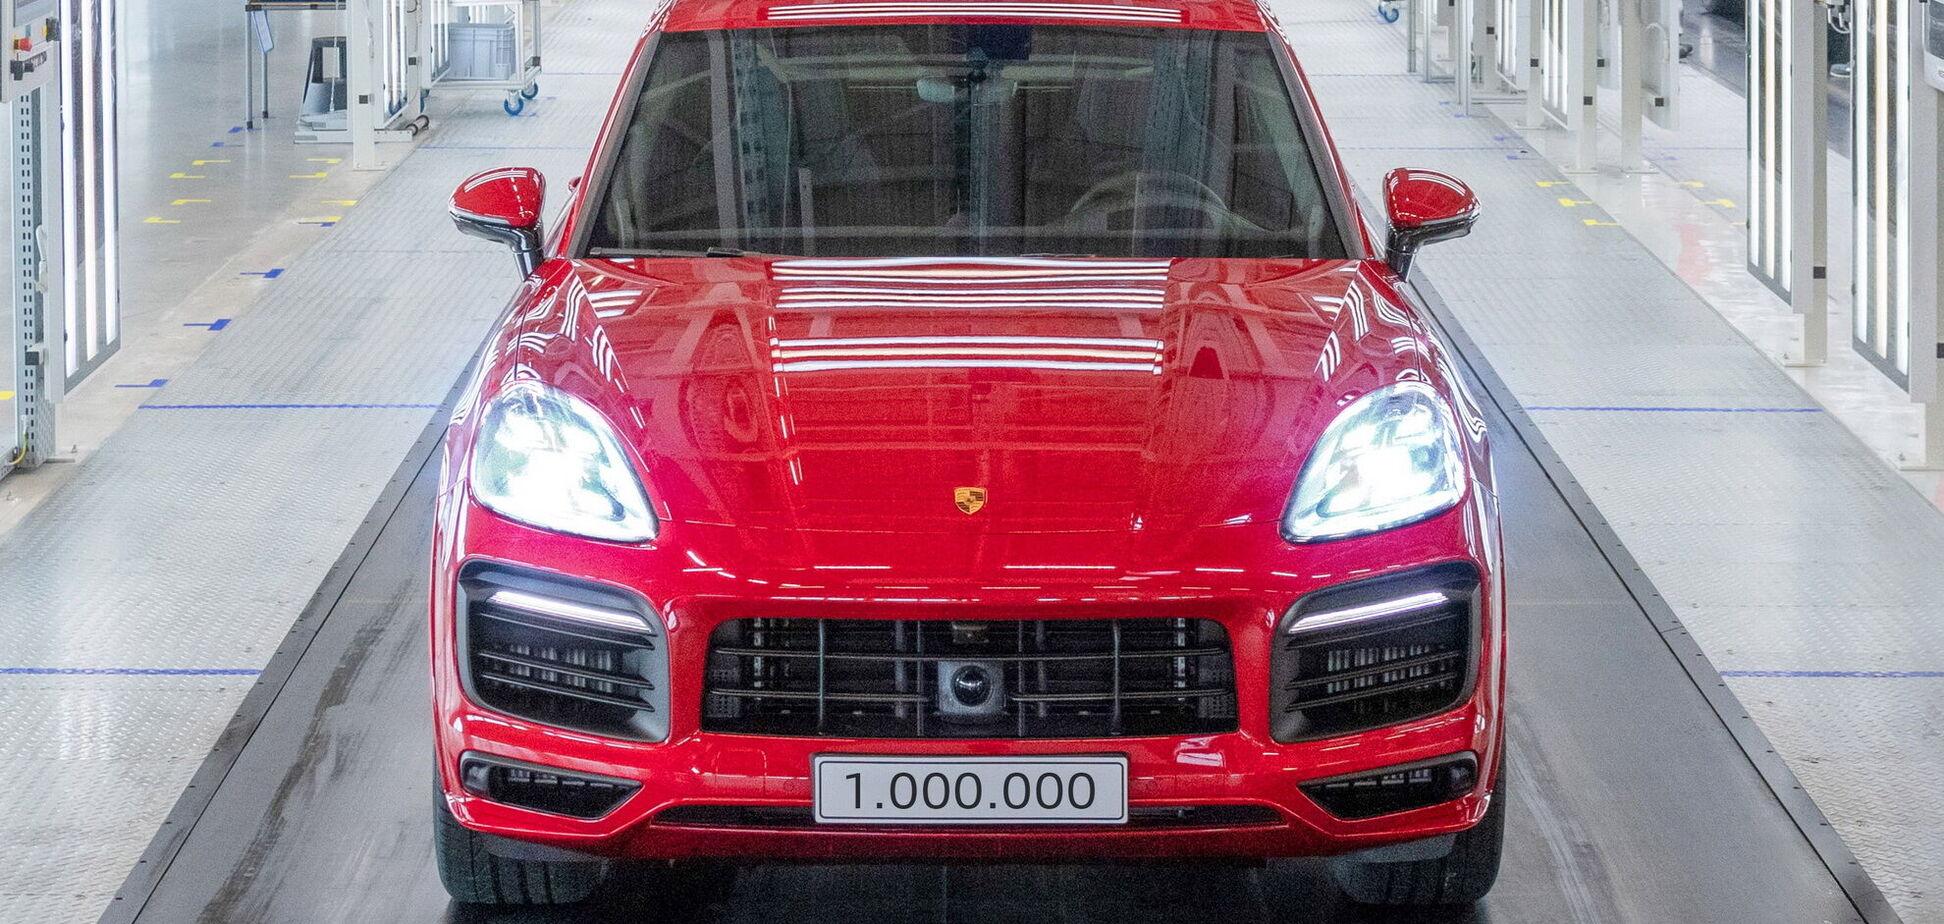 Компанія Porsche випустила мільйонний Cayenne